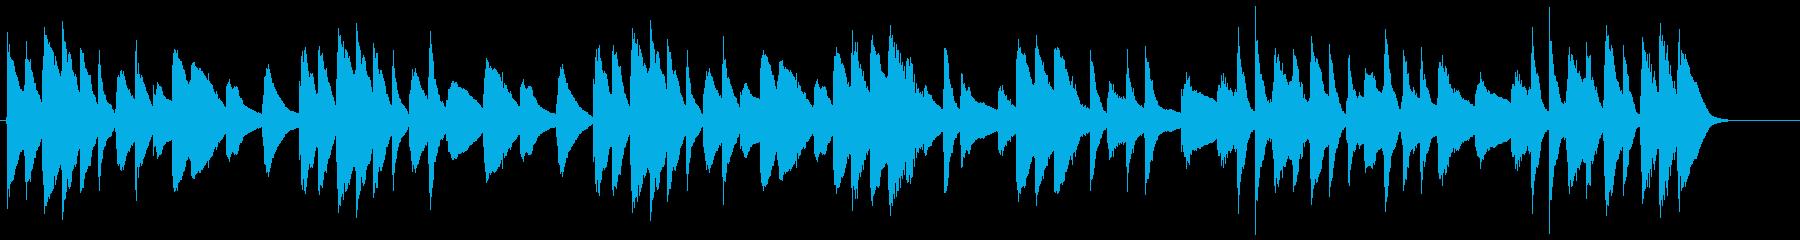 動画広告 30秒 マリンバ 日常の再生済みの波形